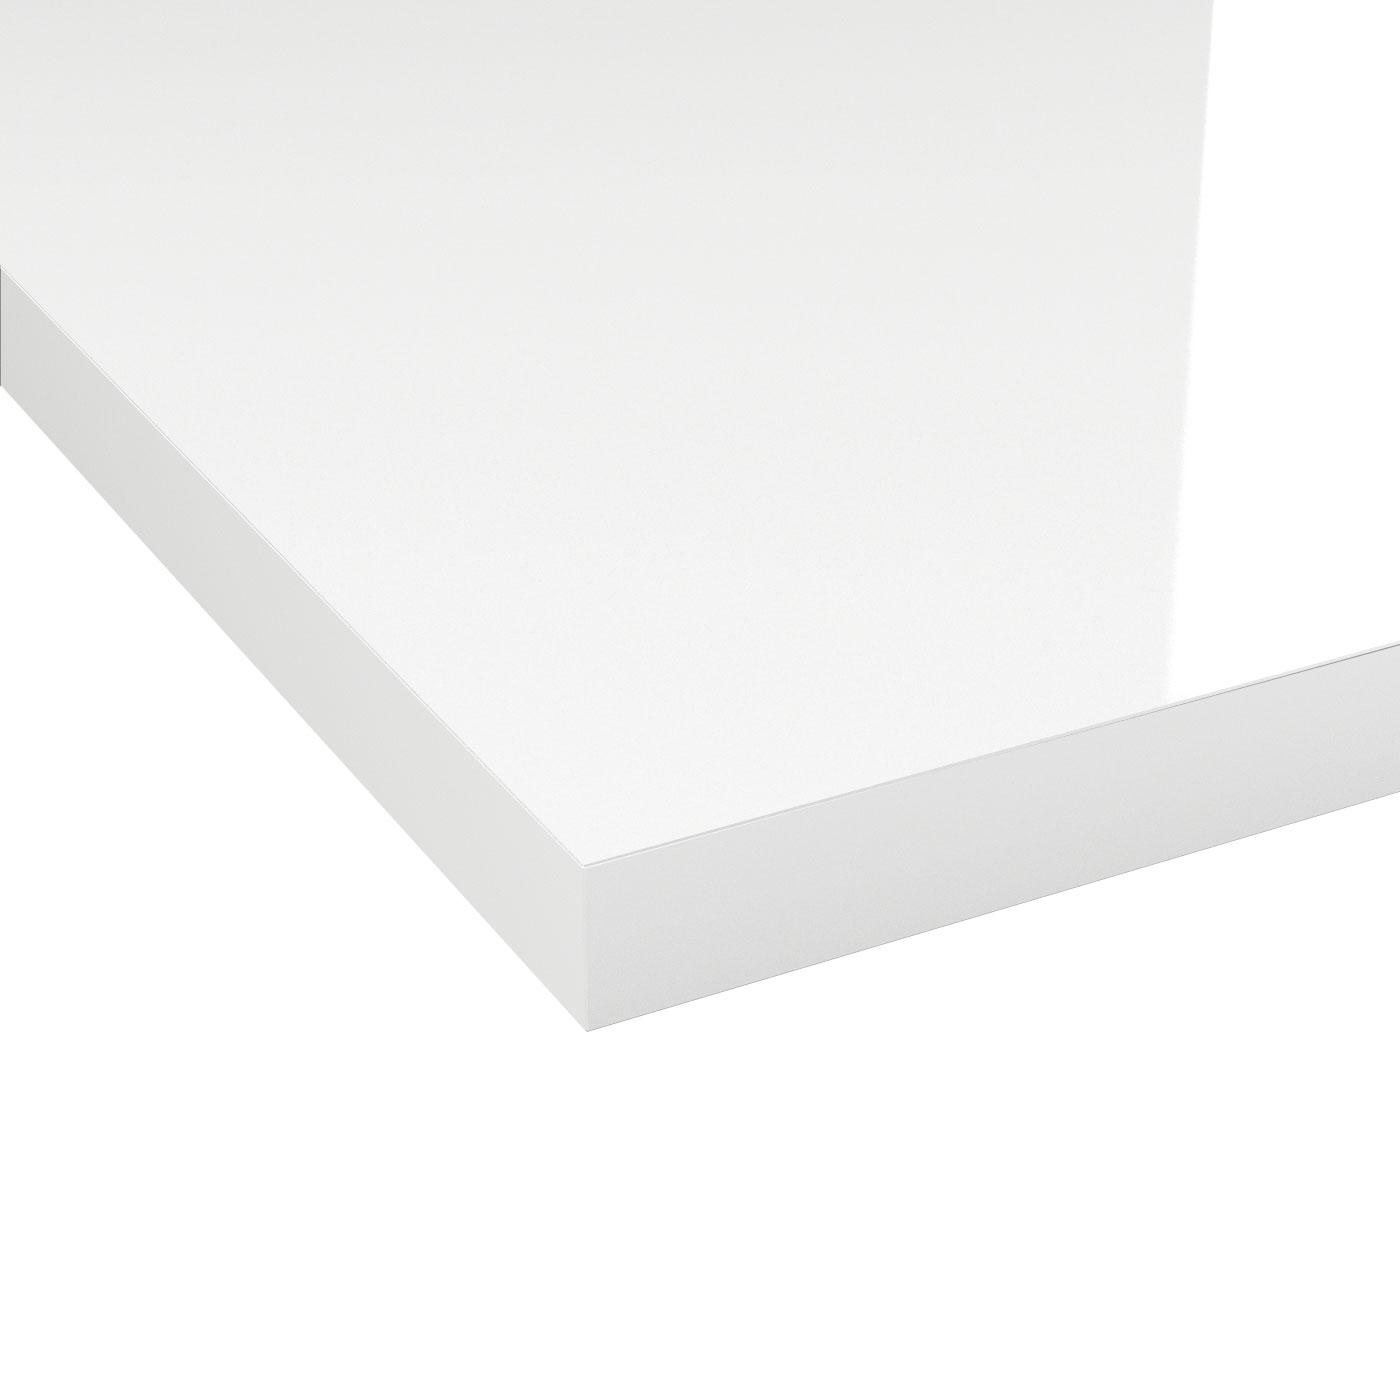 Poser Un Chant Plan De Travail plan de travail cuisine n°108 décor blanc brillant stratifié, chant  coordonné, l204 x l62 x e3.8, planeko